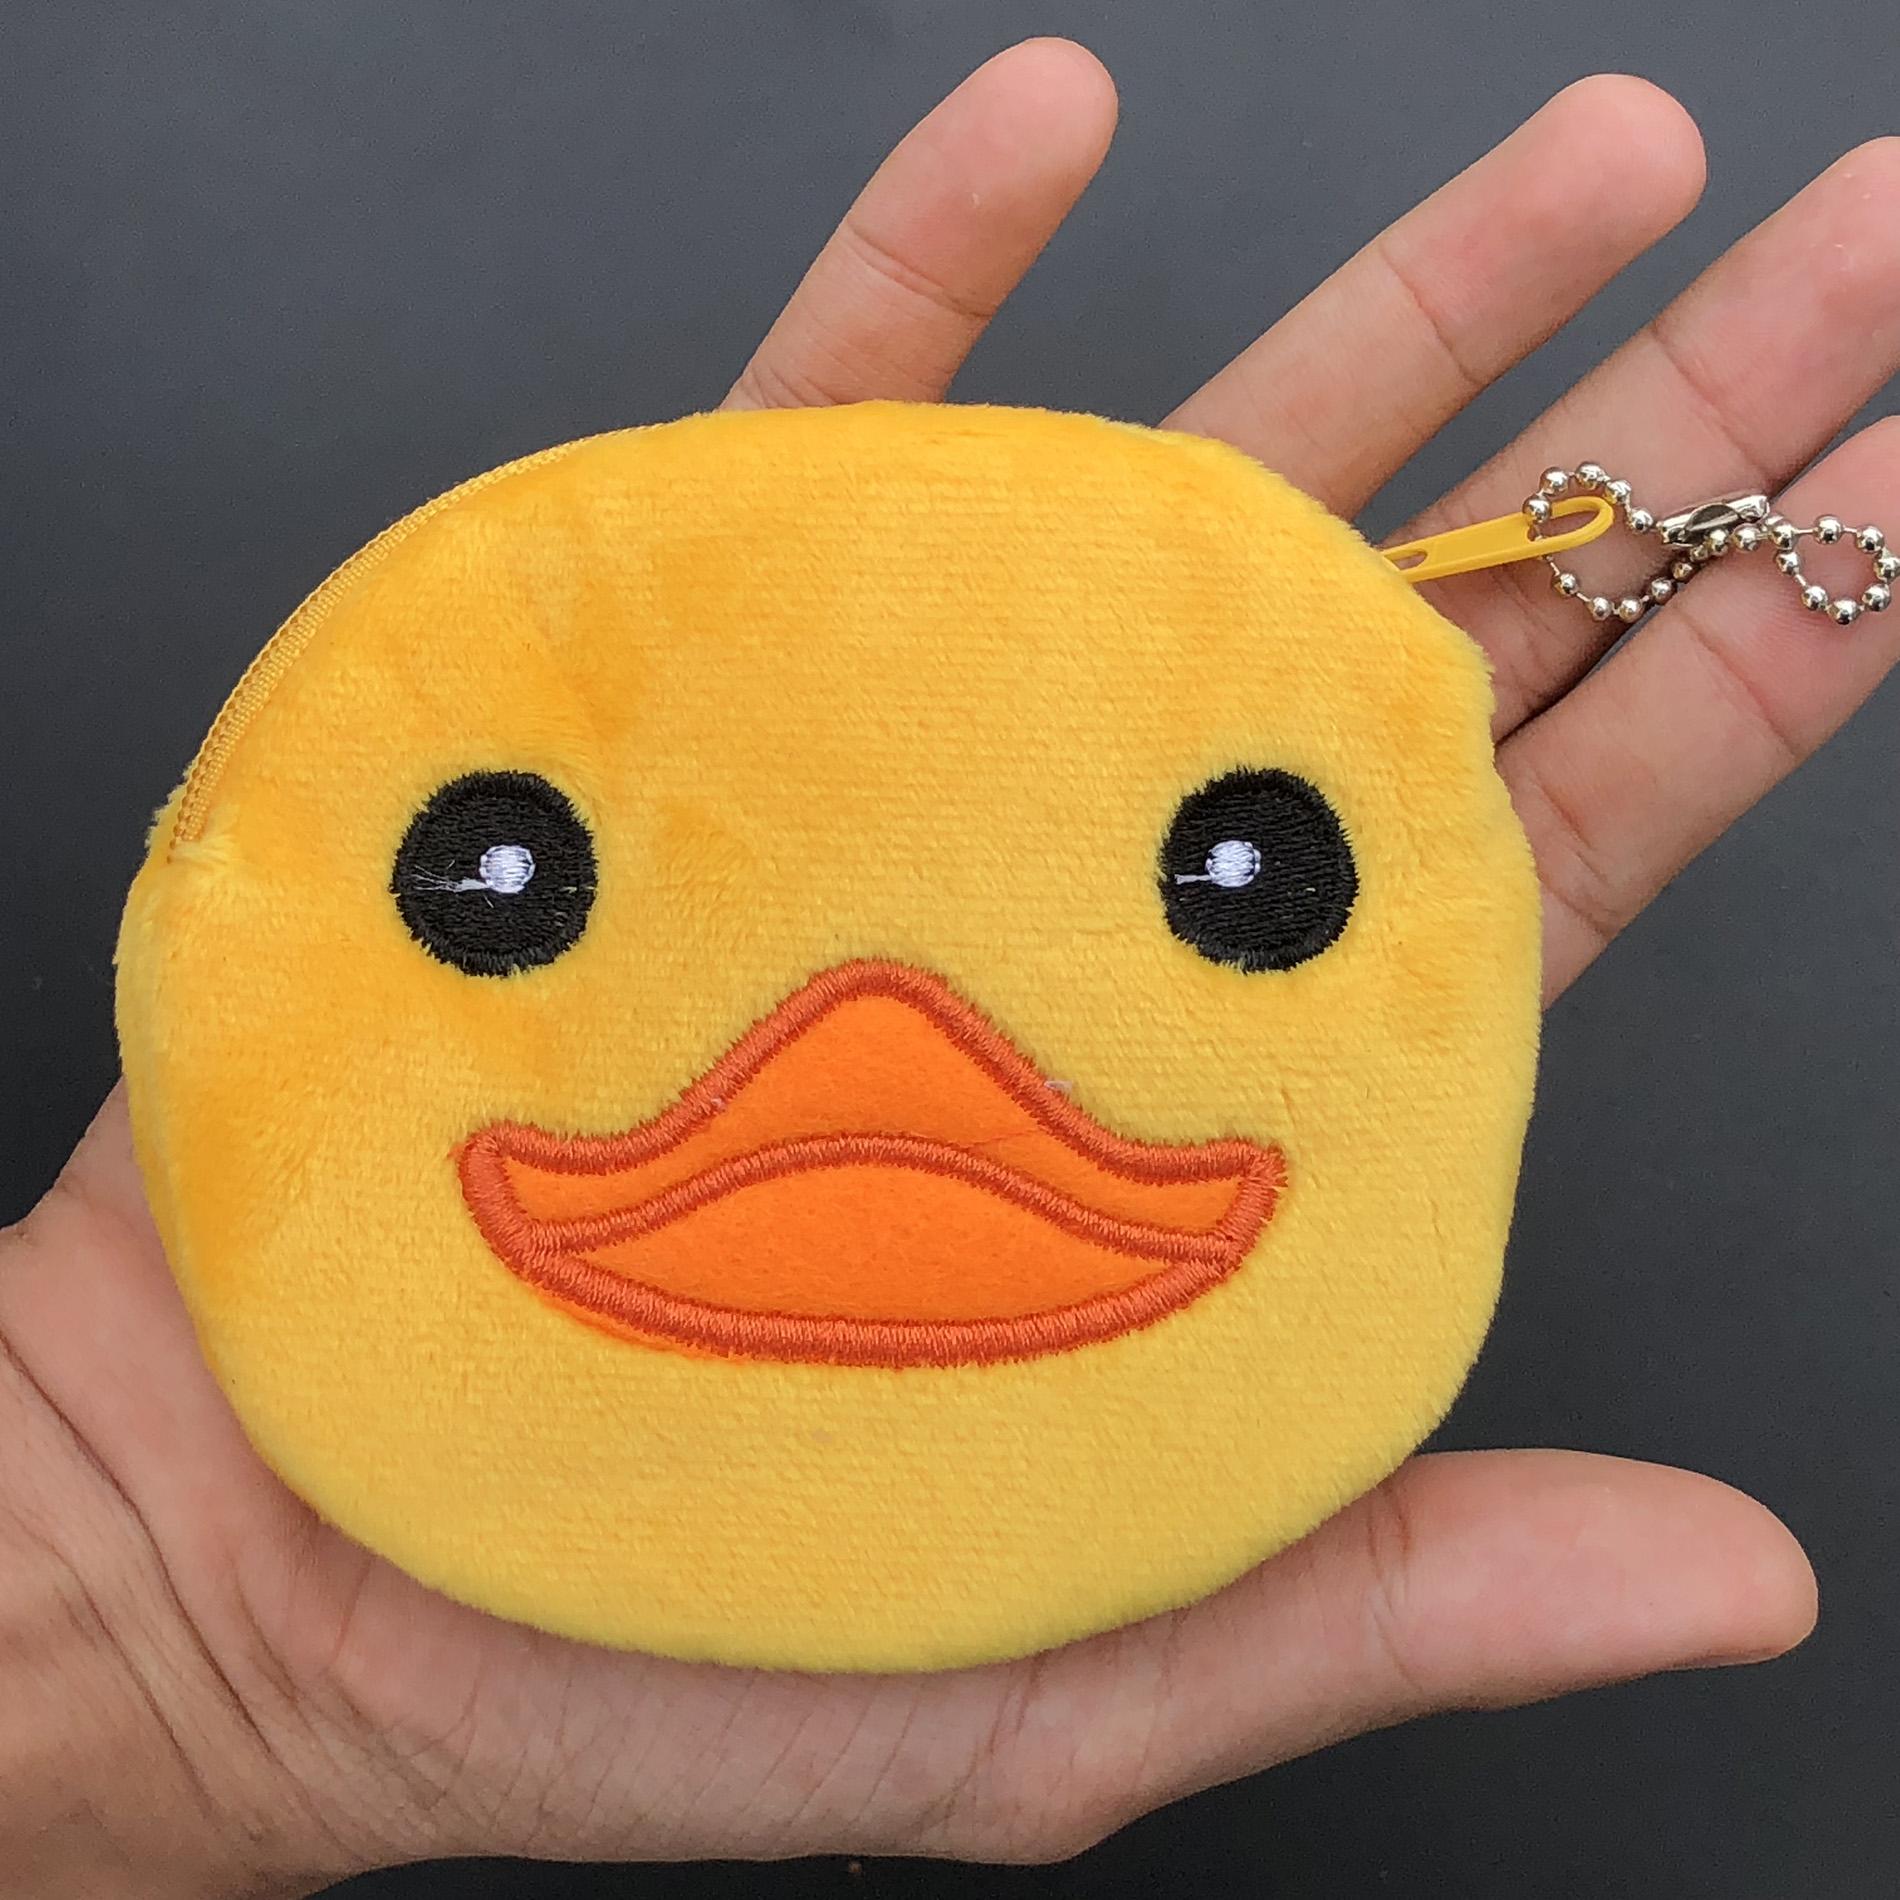 กระเป๋าใส่เหรียญ น่ารัก ขนาดกลาง เป็ดยิ้ม